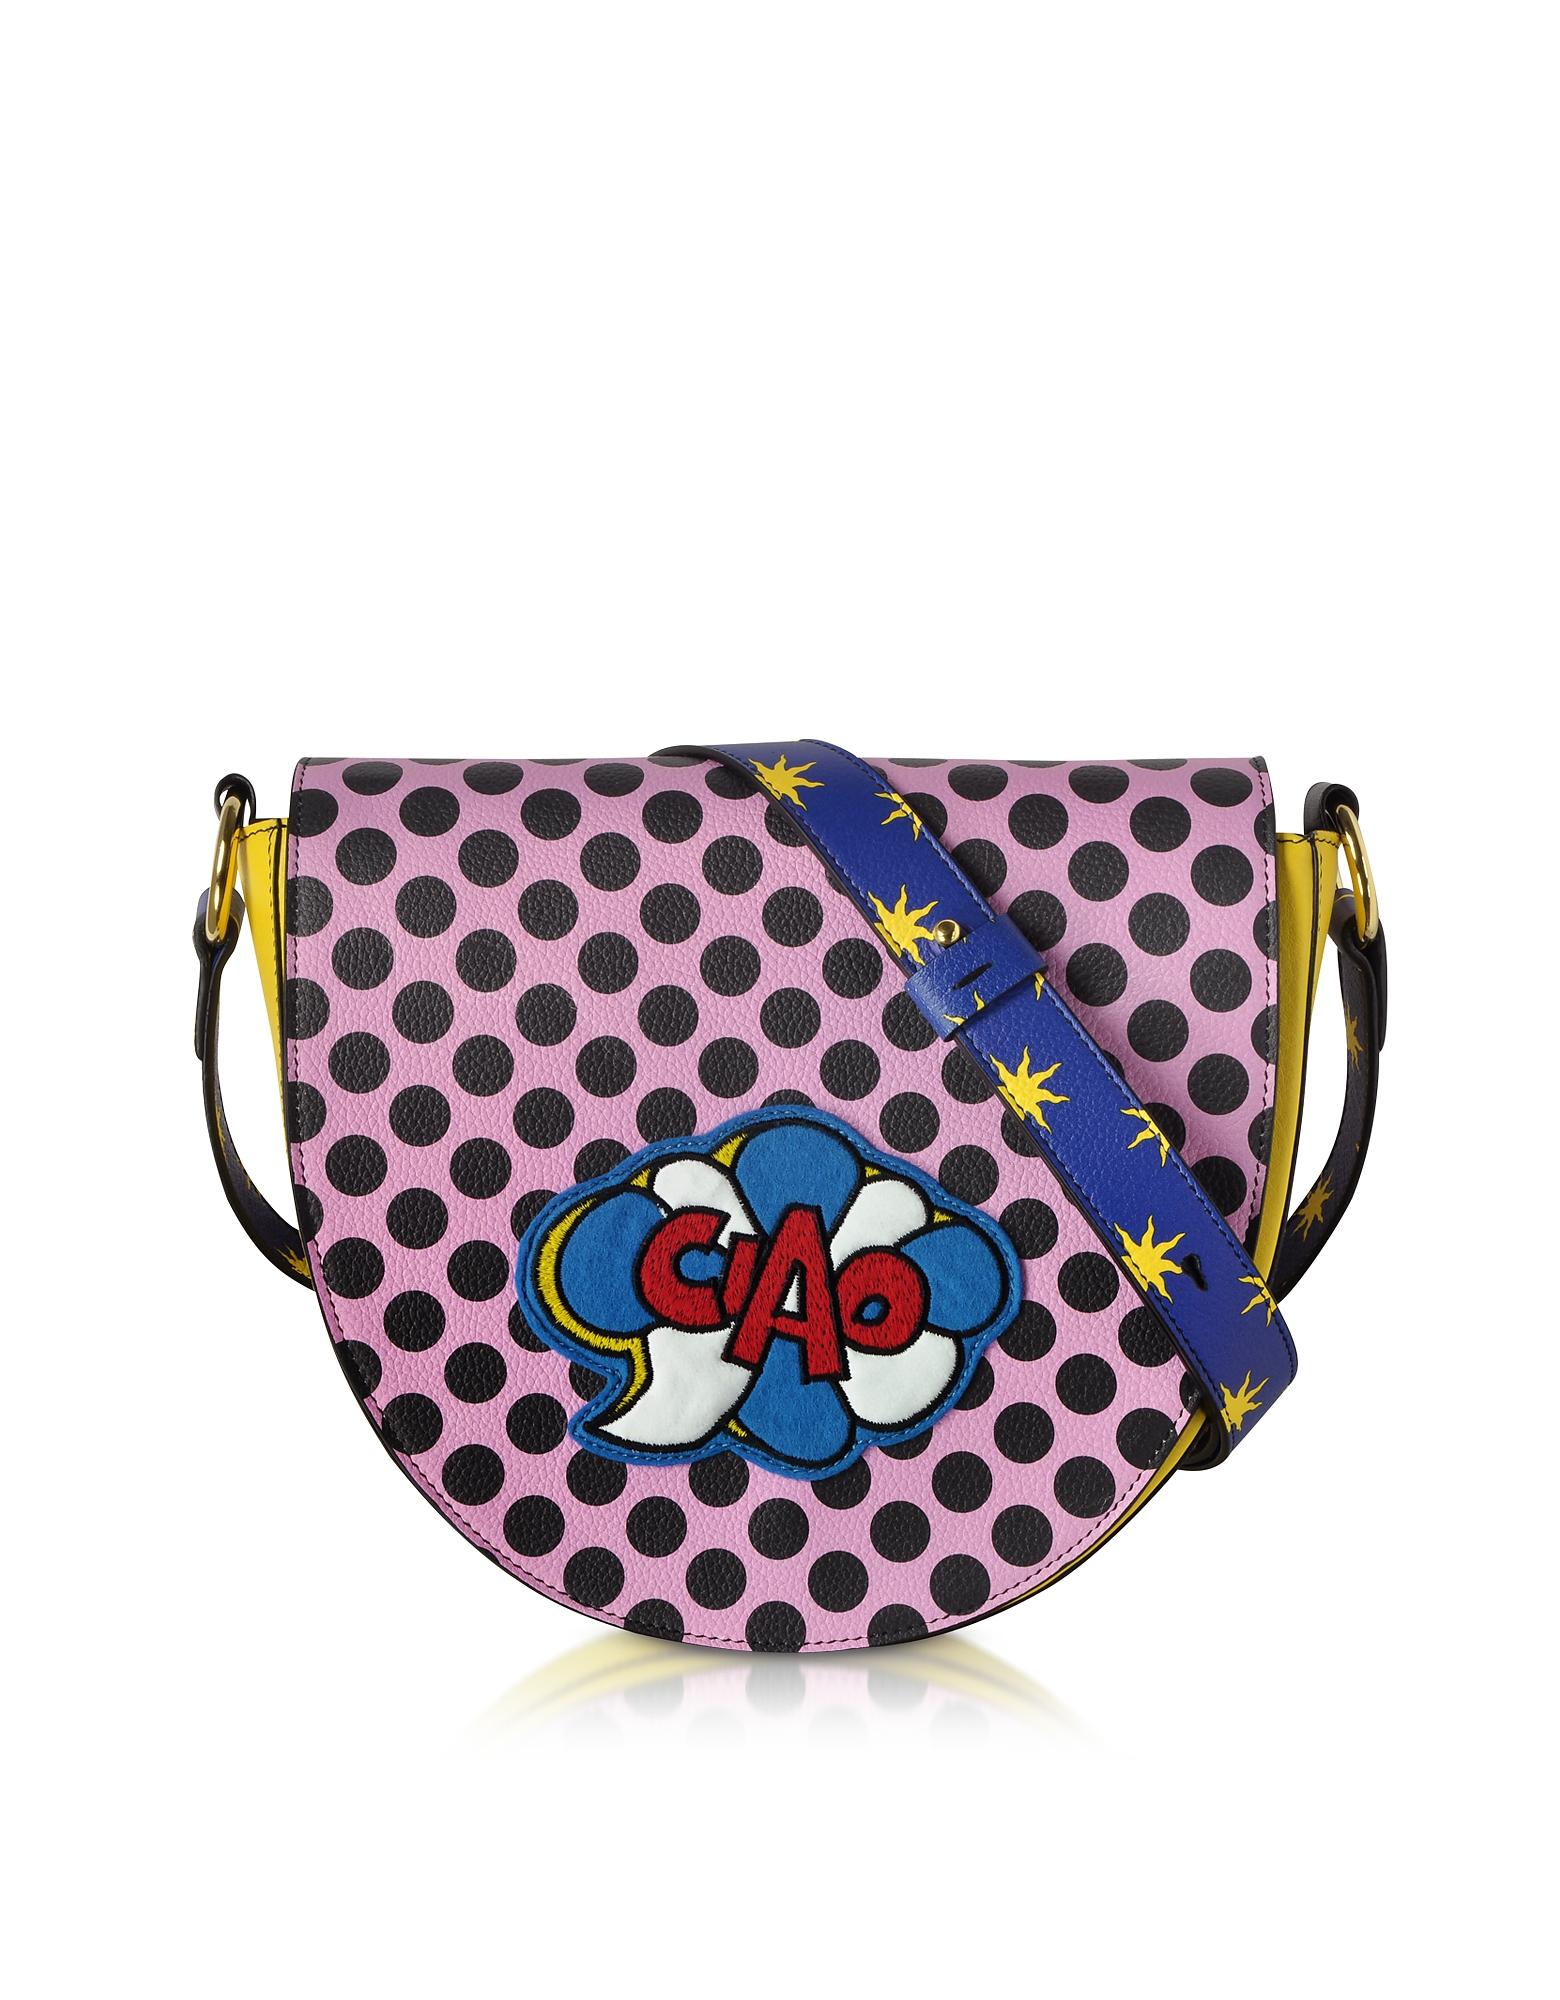 Alessandro Enriquez Handbags, Hebe Pop Ciao Leather Shoulder Bag